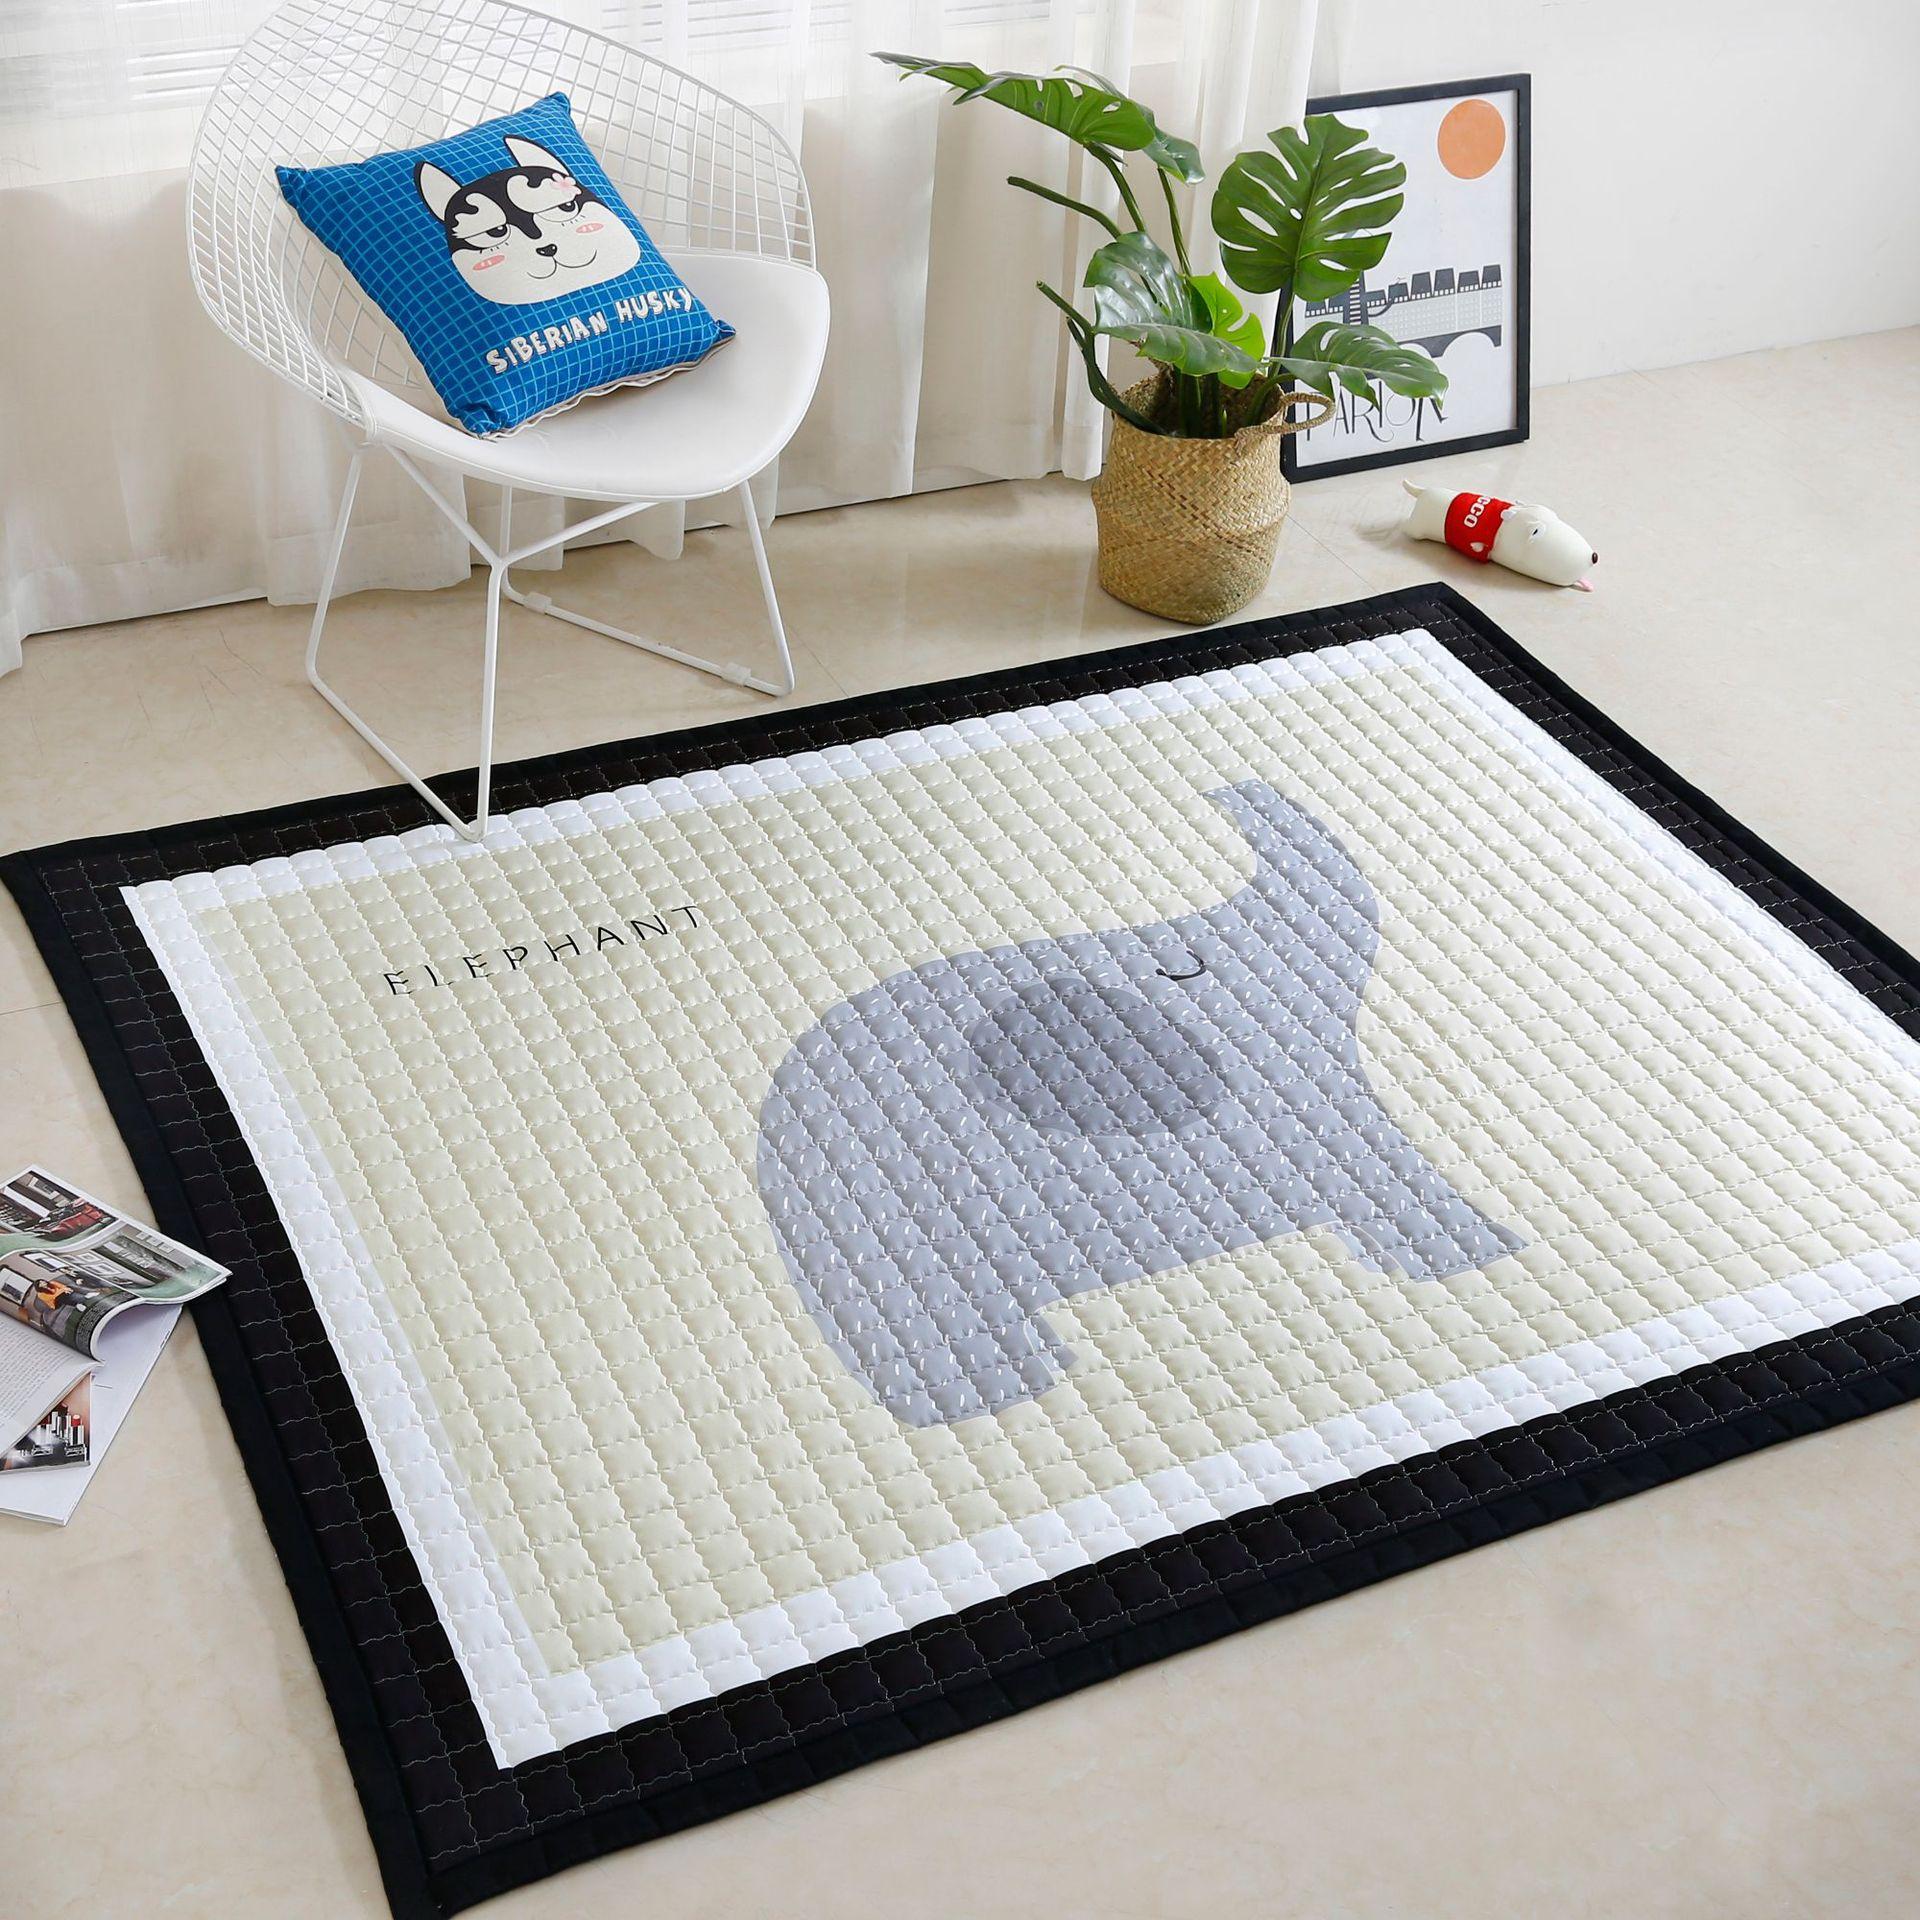 Motif Animal nordique bébé enfants grand jeu rembourré ramper matelassé tapis Pad plancher Mar tapis tapis décor de chambre tapis de tipi